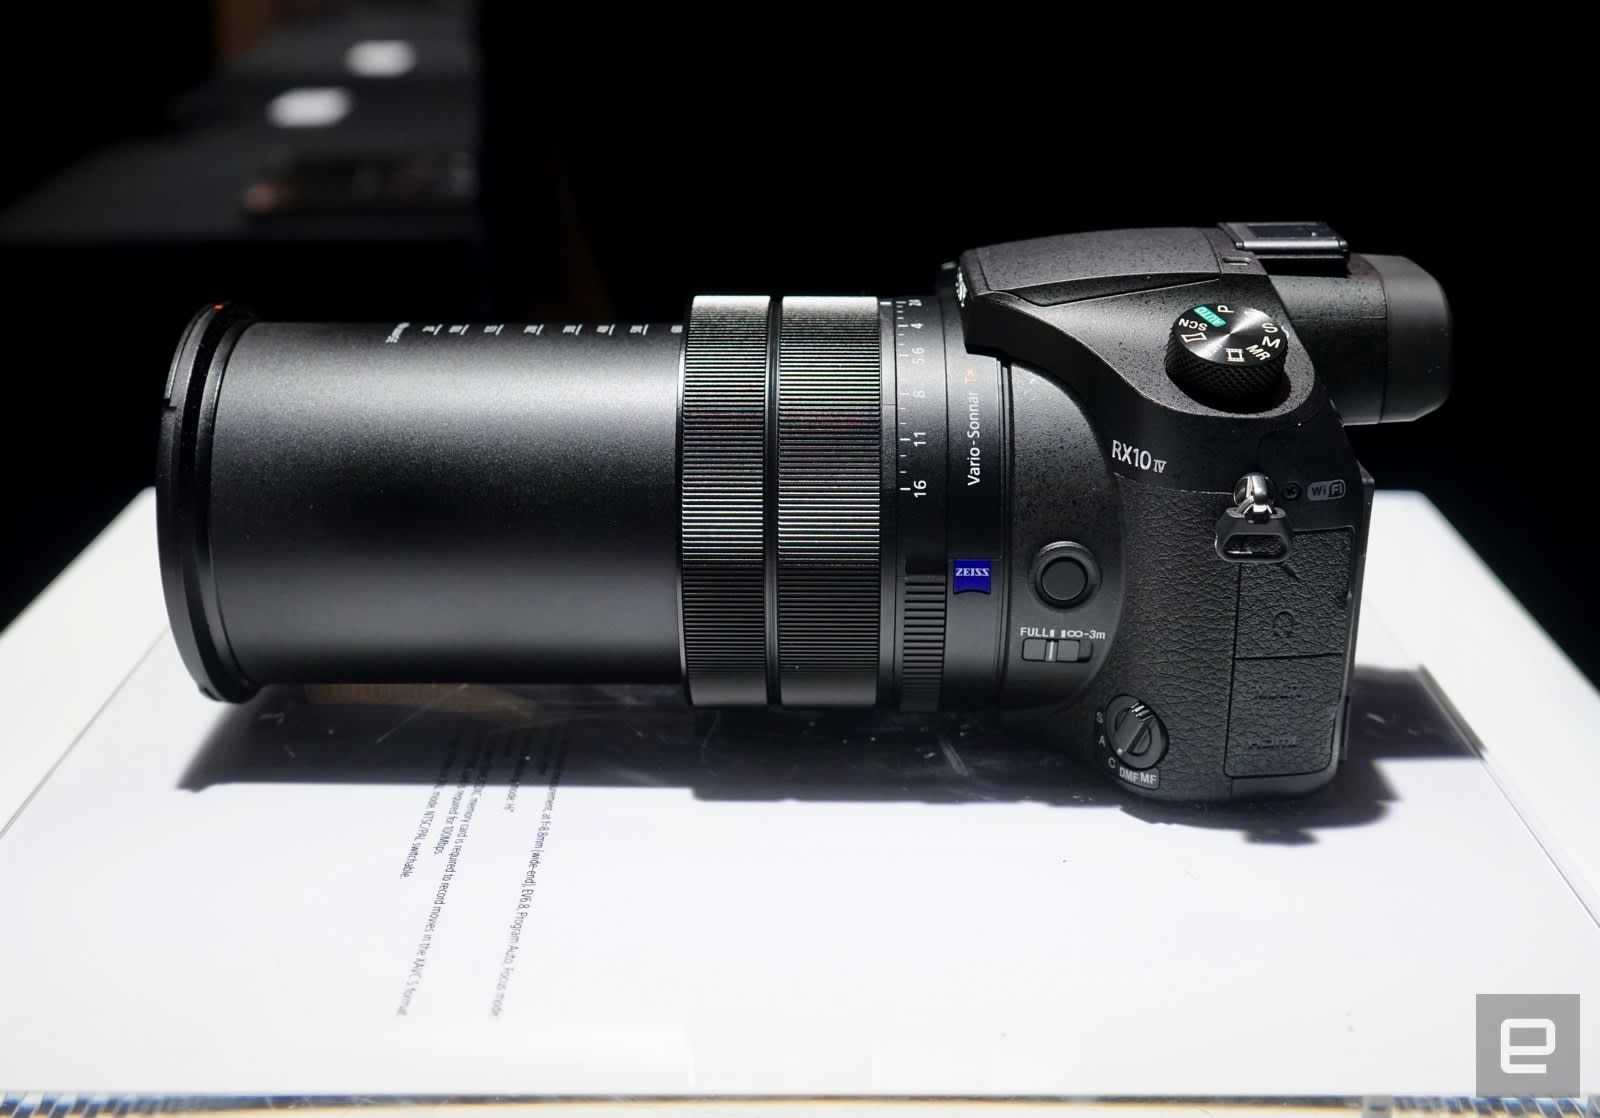 Sony RX10 Mark IV superzoom camera